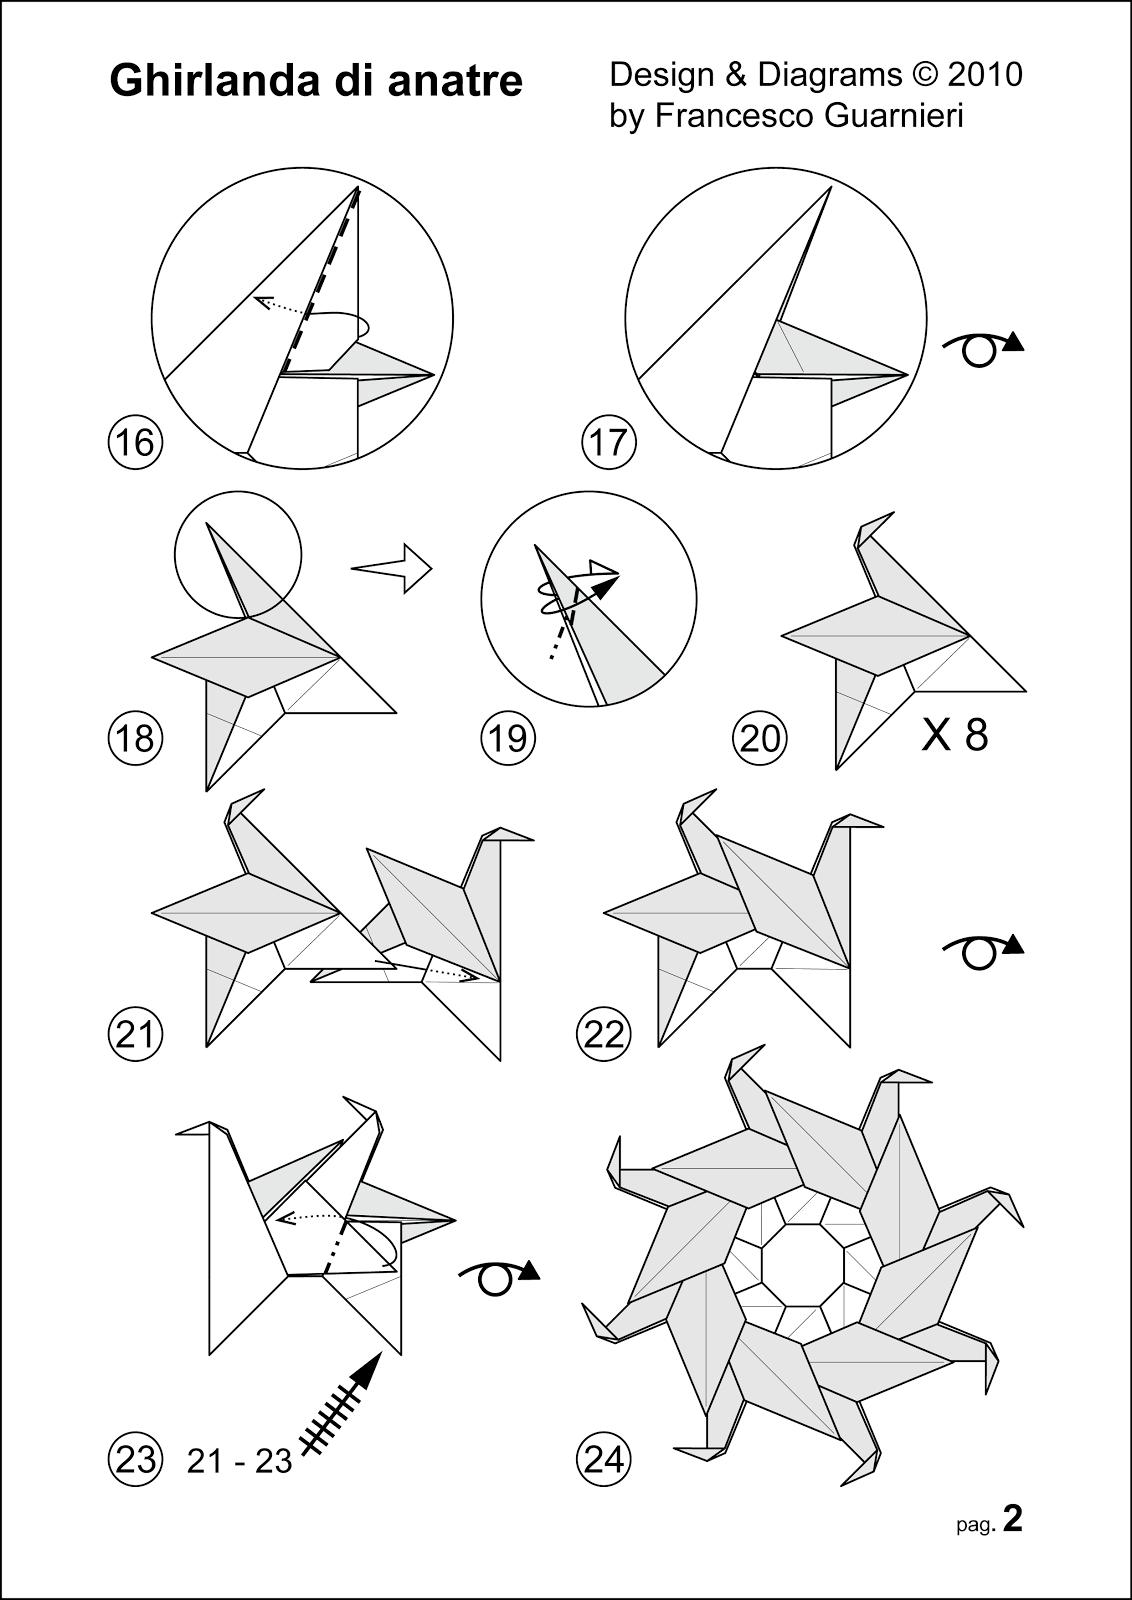 Origami Poesie Di Carta Ghirlanda Di Anatre